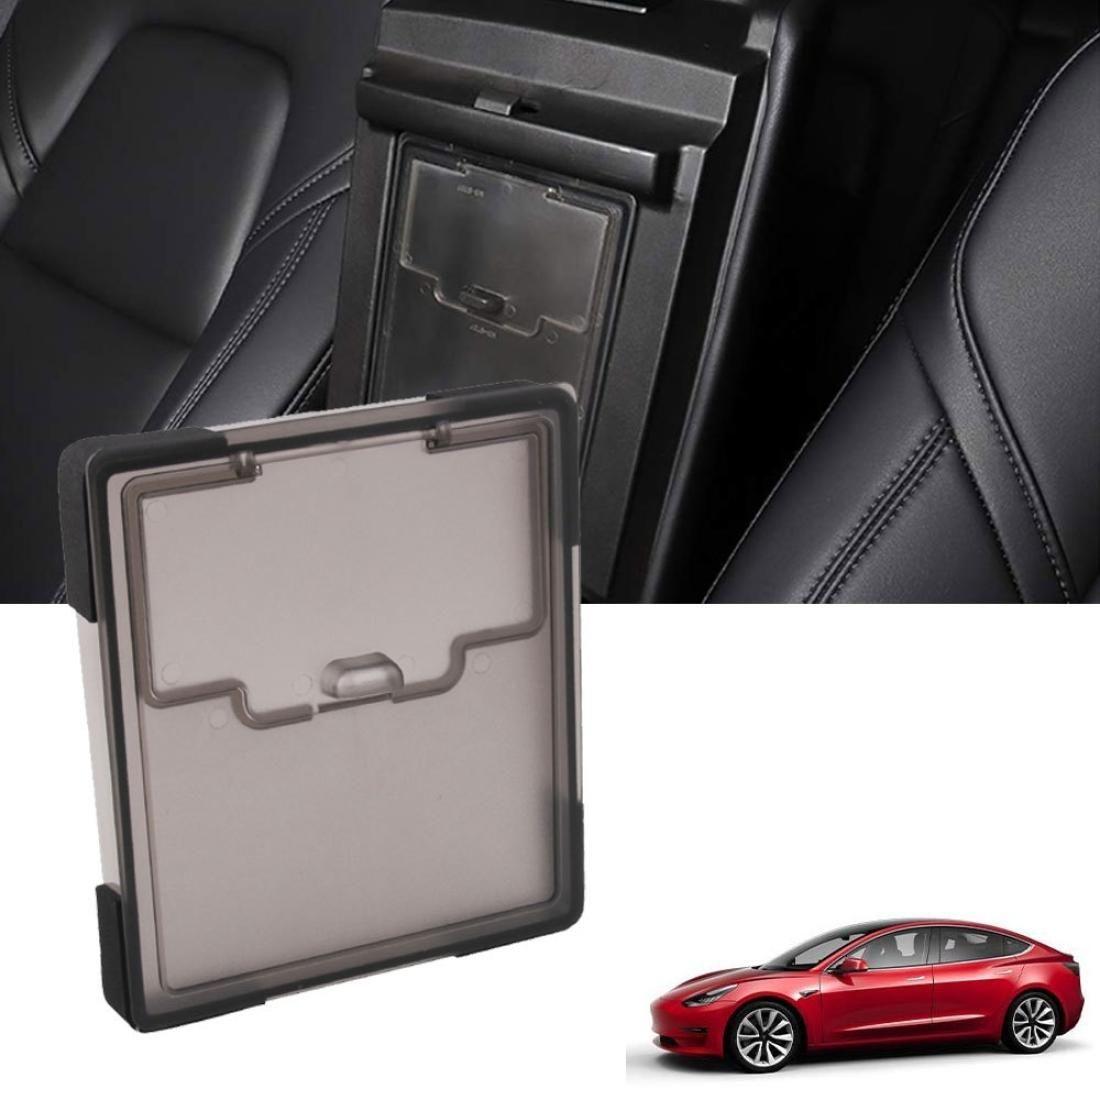 Gizli Şeffaf Saklama Kutusu Merkezi Kontrol Kolçak Kutusu Kapak Tesla Model 3 için